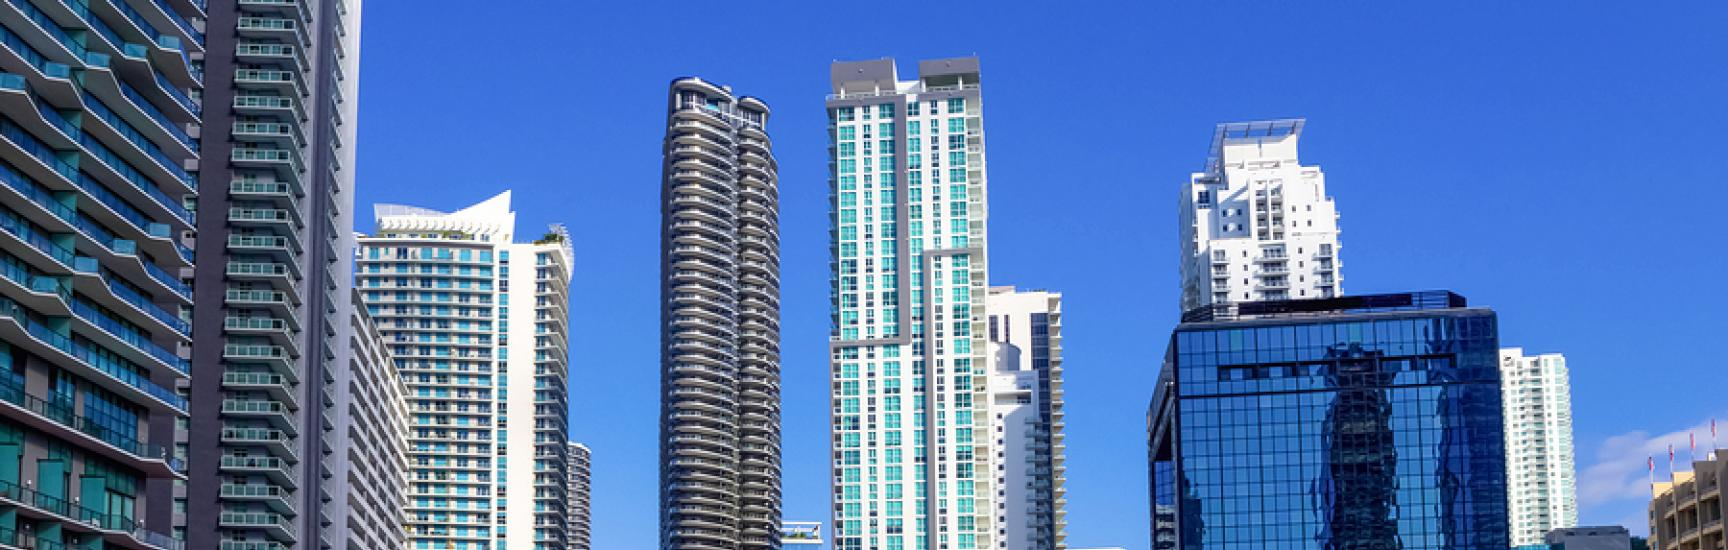 condo buildings downtown